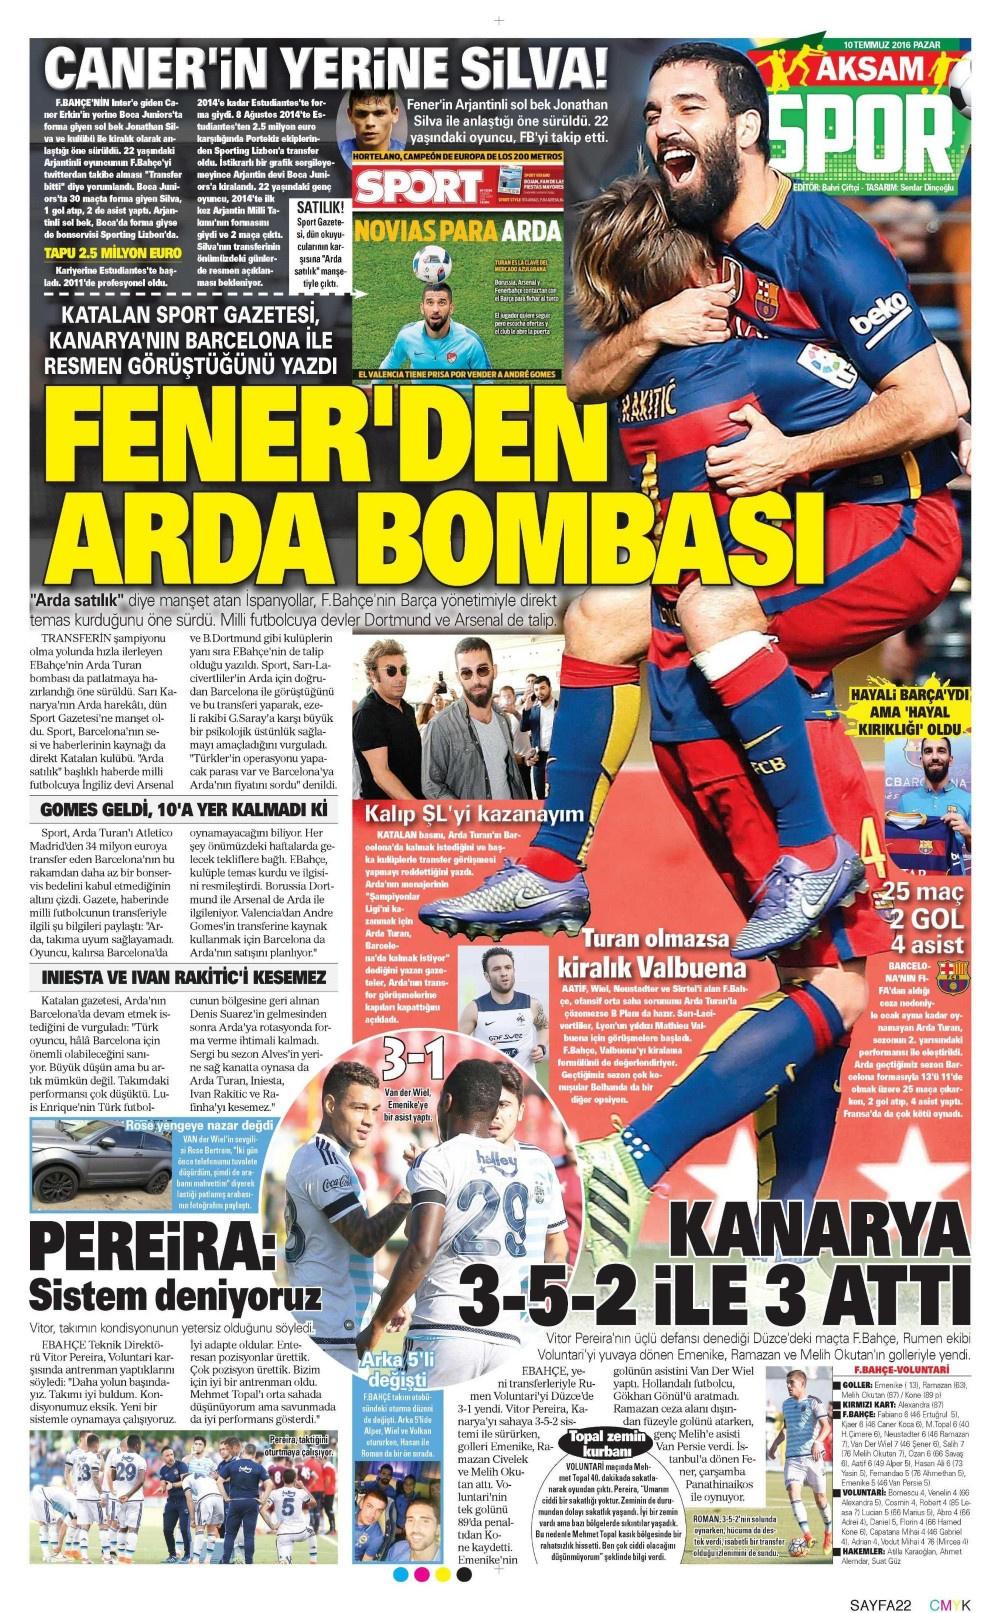 Spor gazetelerinde günün manşetleri